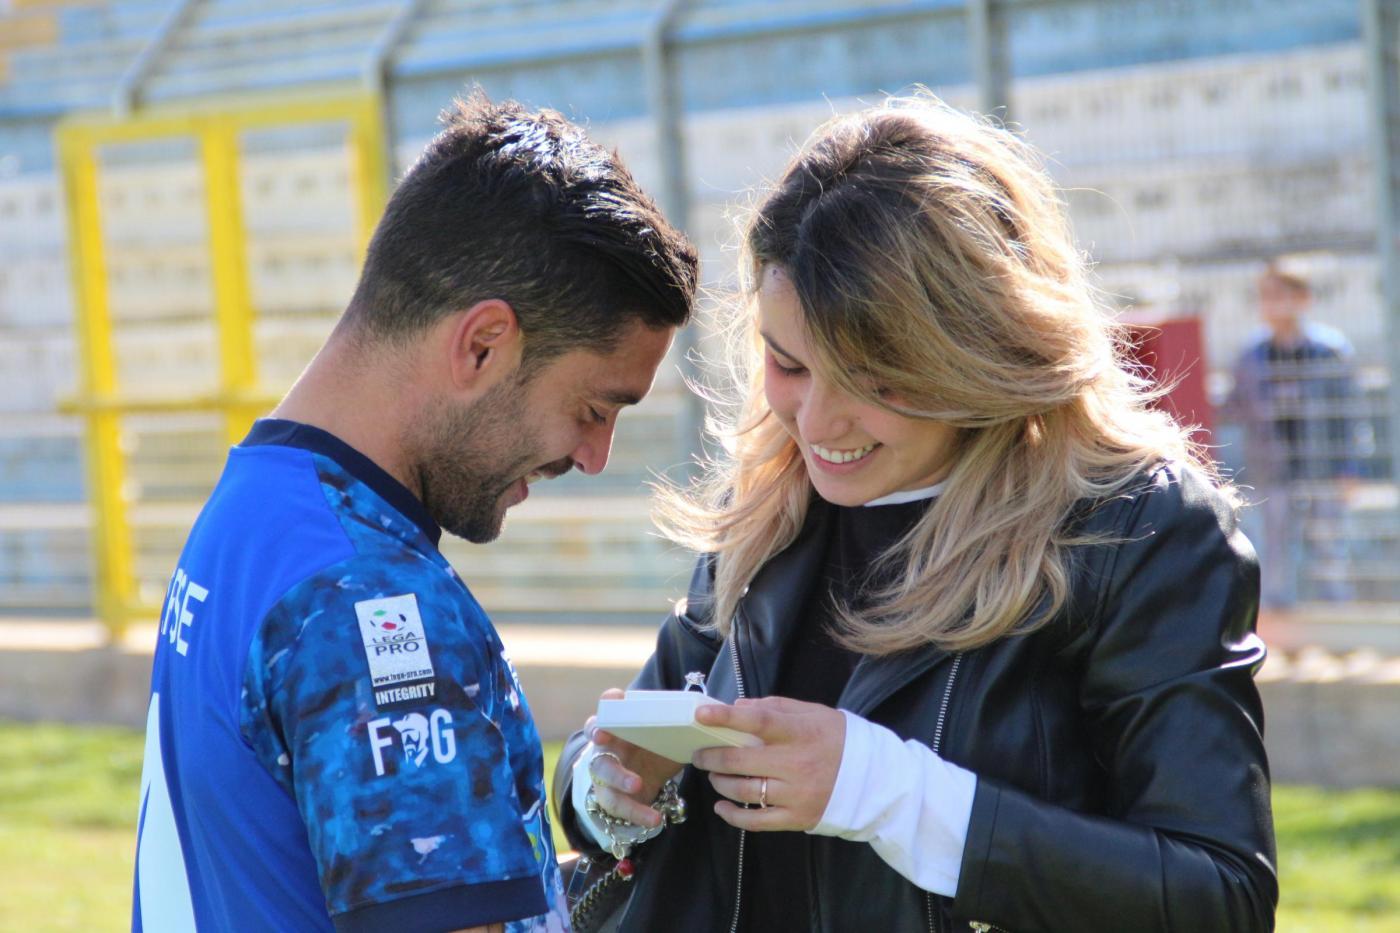 Lega Pro, proposta di matrimonio in campo